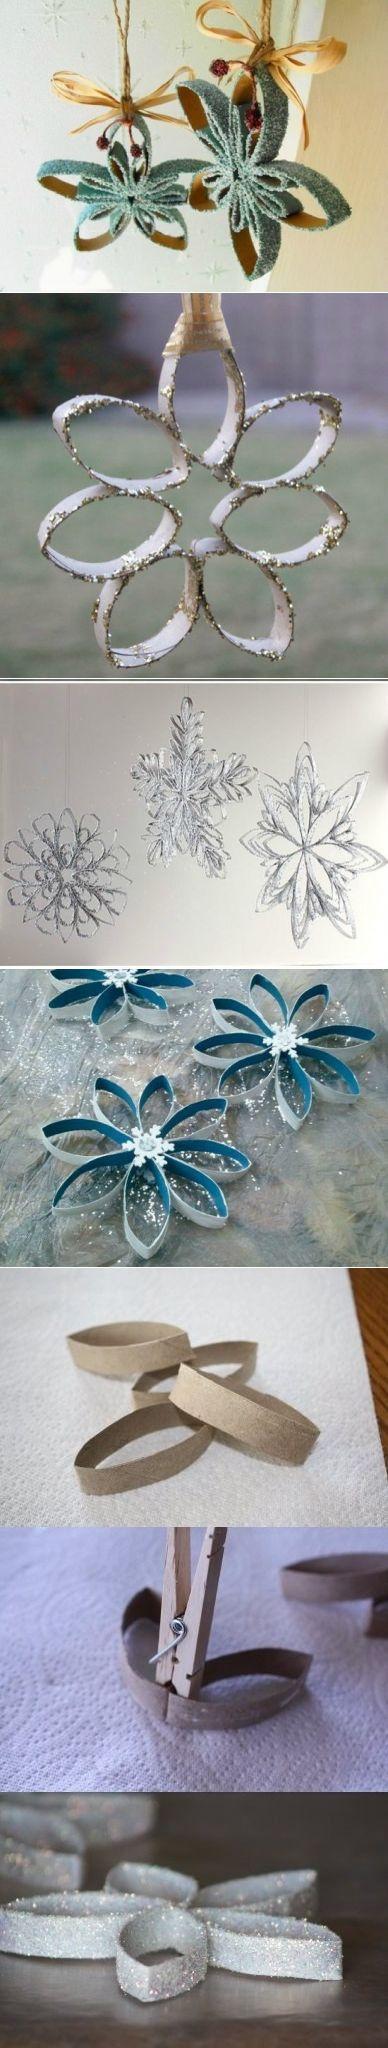 МК: Новогодние украшения из рулончиков от туалетной бумаги